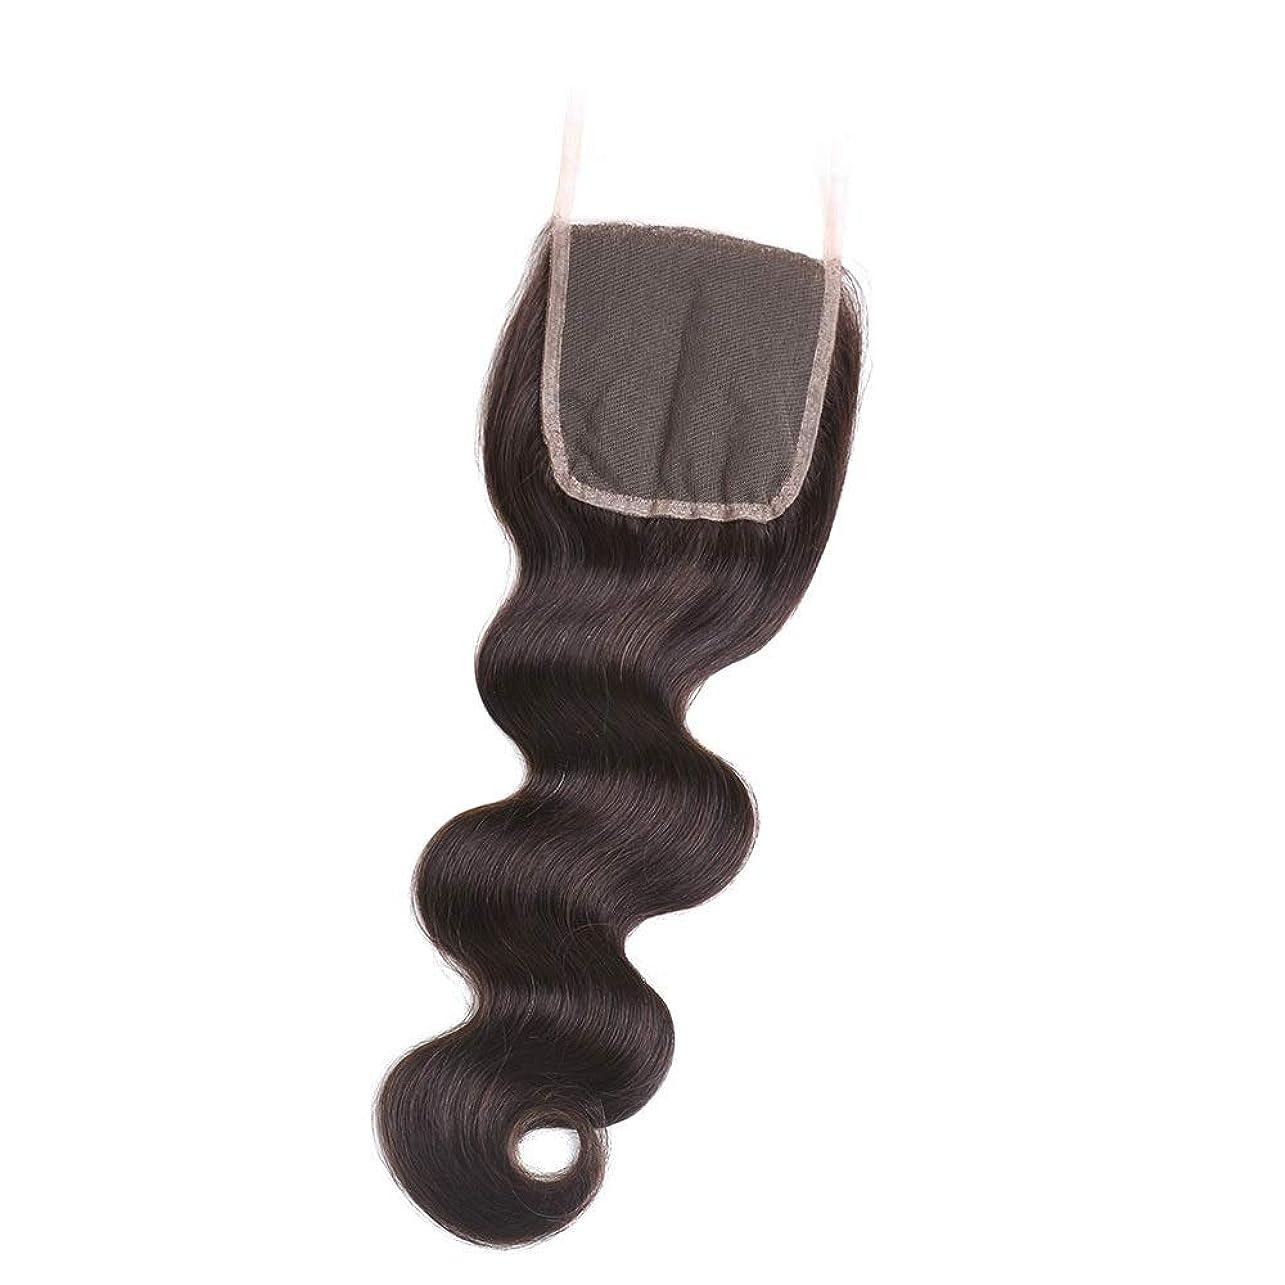 帰る割合重さWASAIO 無料パート4×4インチボディウェーブレースフィンガーウェーブフラッパーウィッグパーティーのコスプレ (色 : 黒, サイズ : 16 inch)